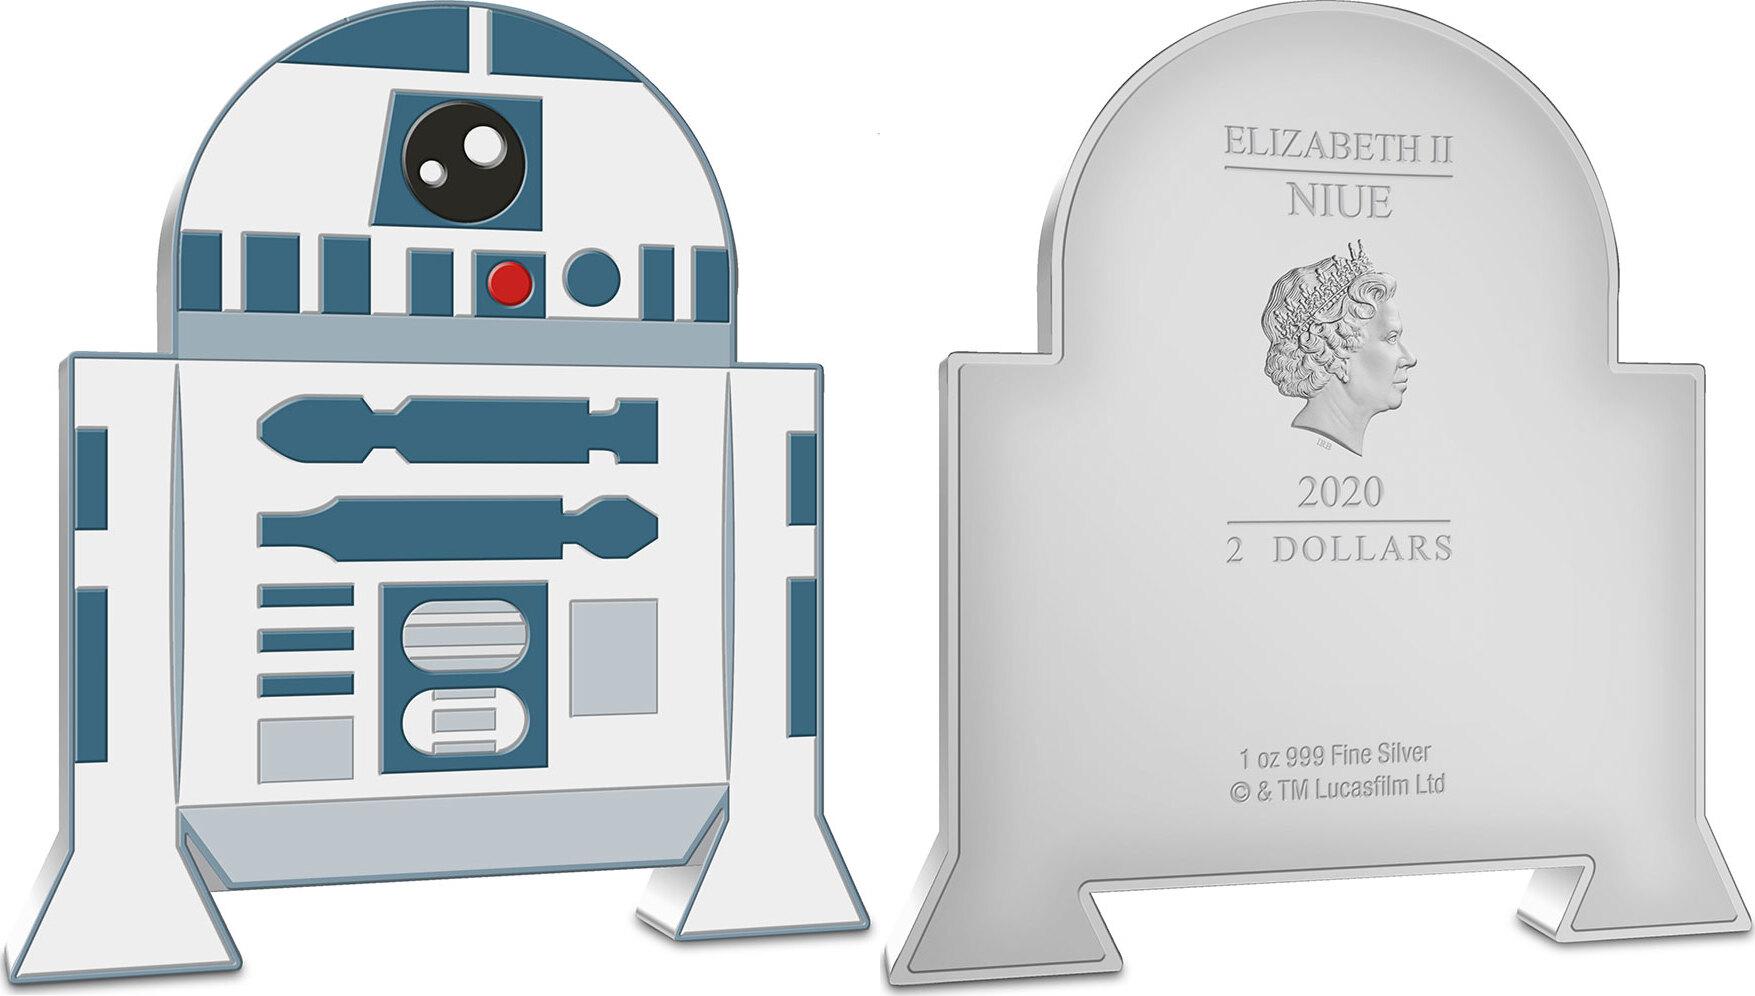 niue-2020-chibi-star-wars-r2d2